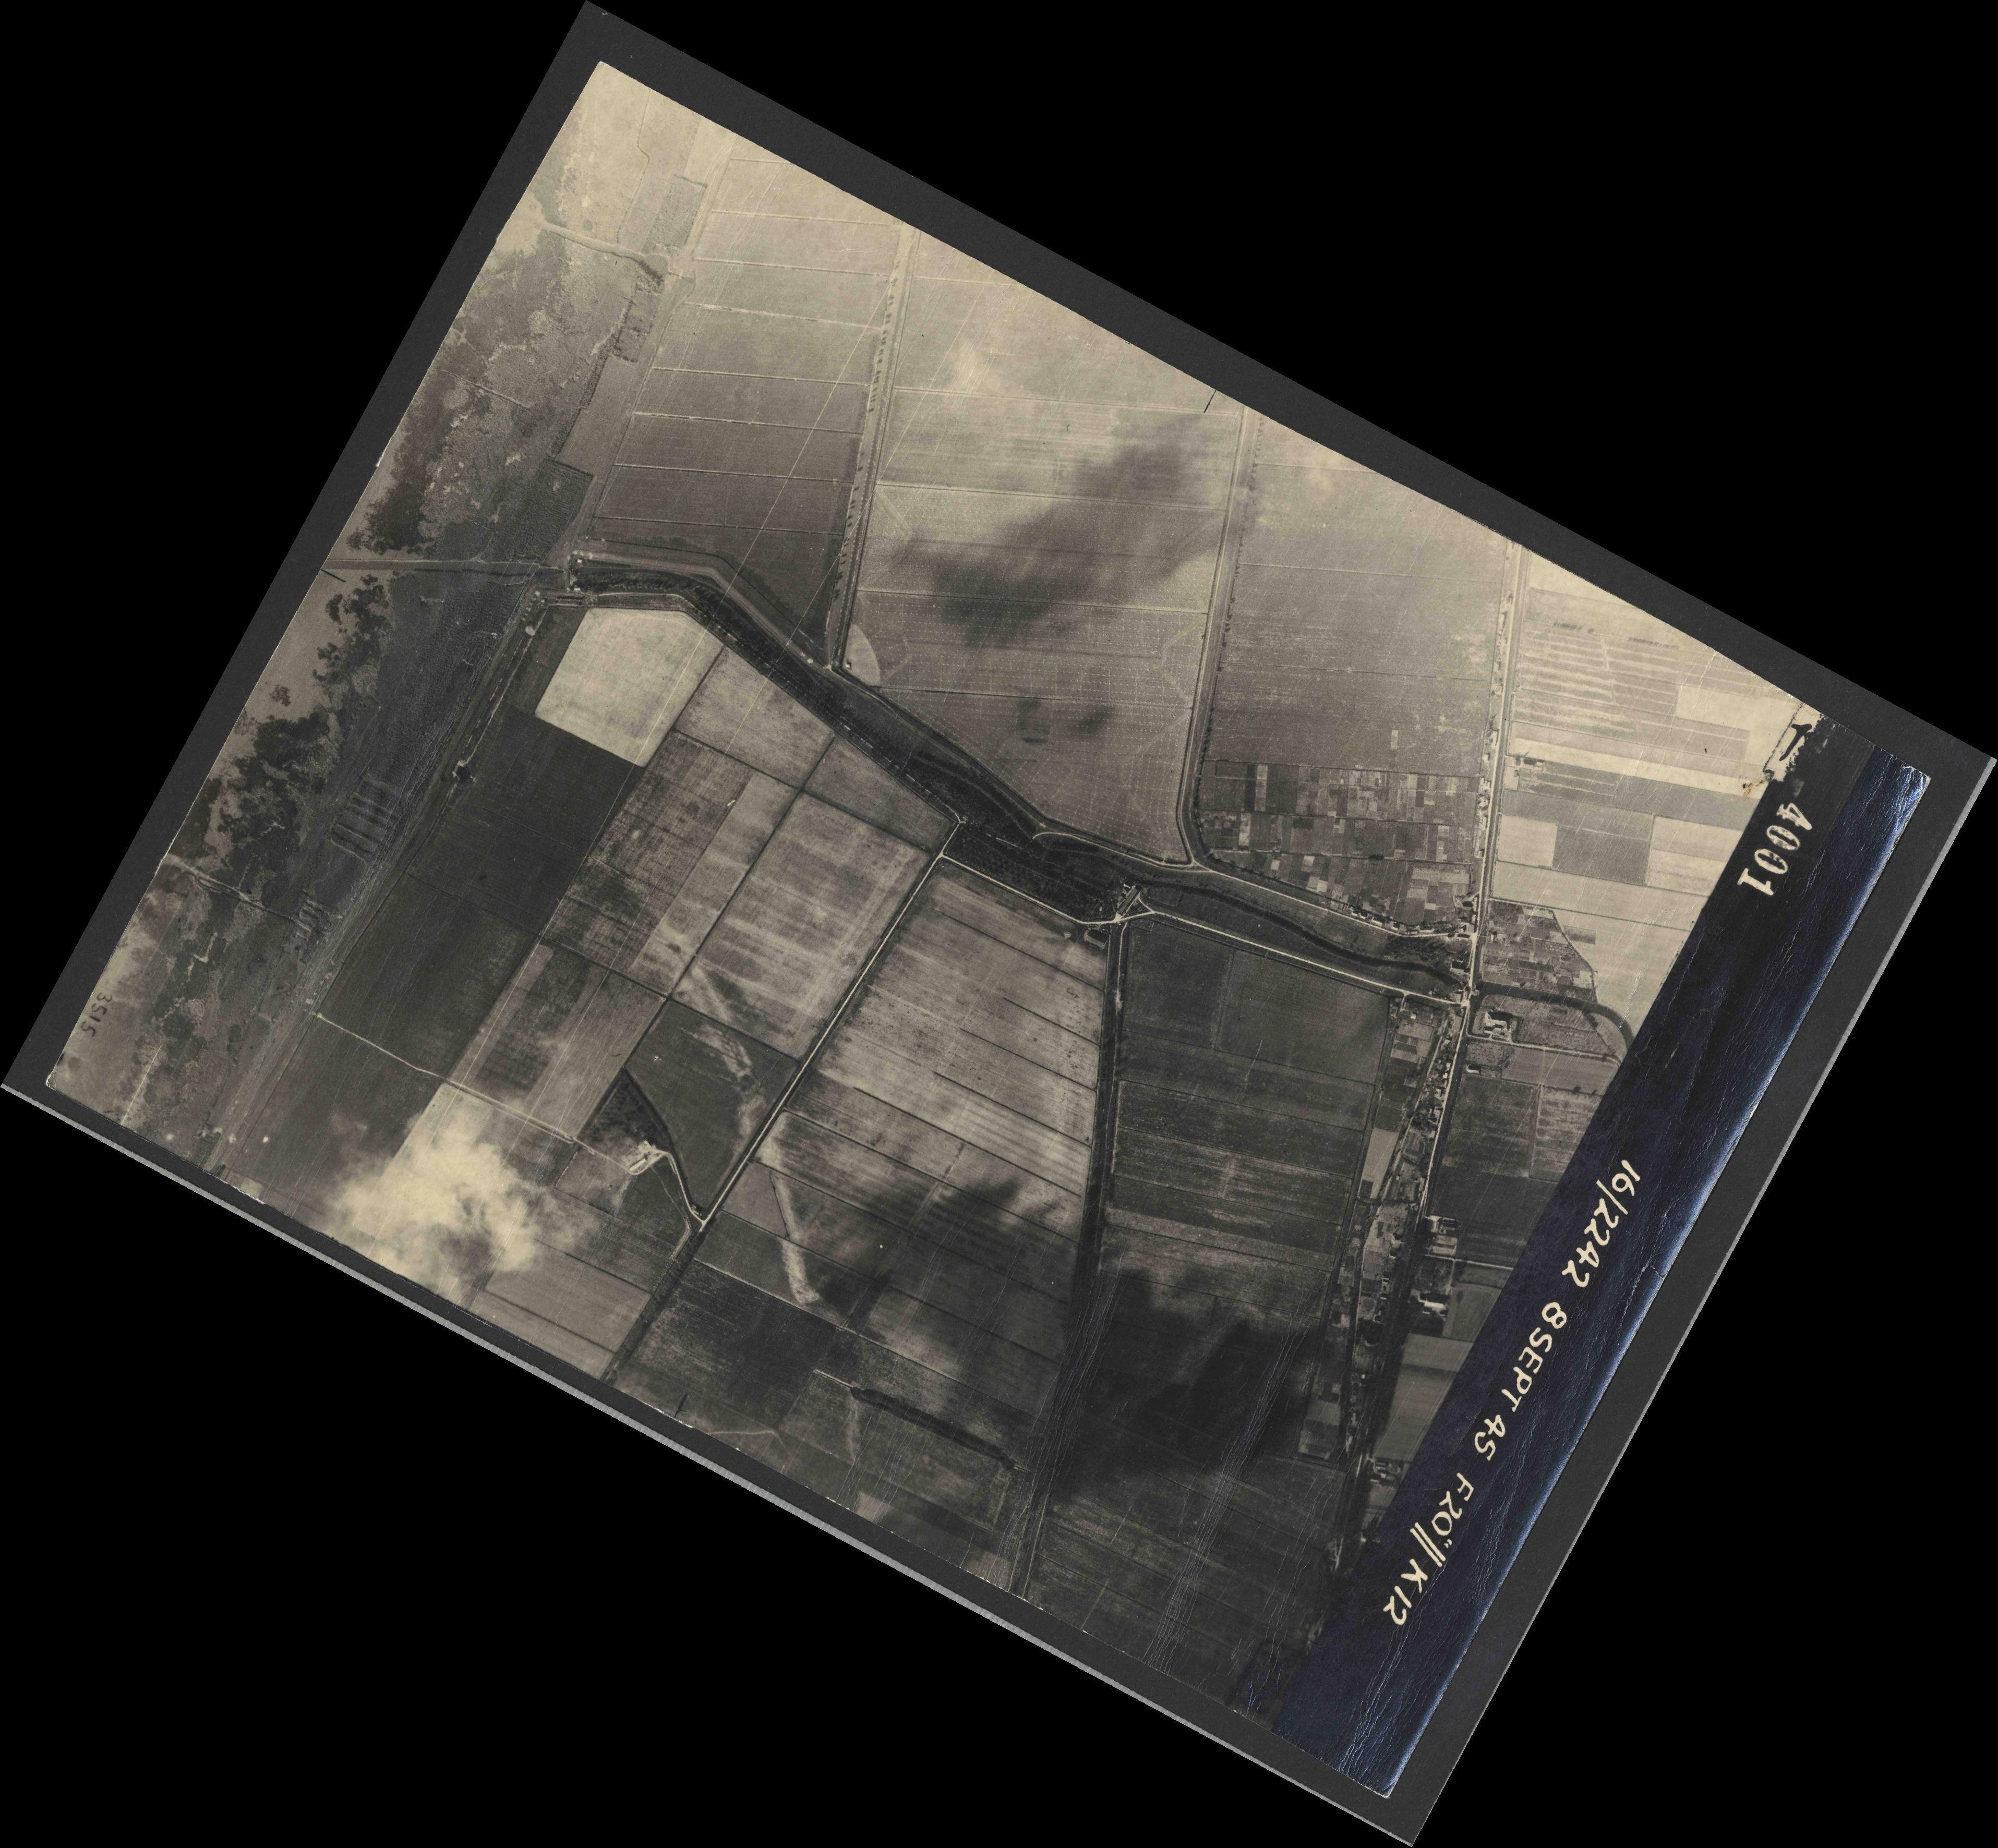 Collection RAF aerial photos 1940-1945 - flight 036, run 11, photo 4001